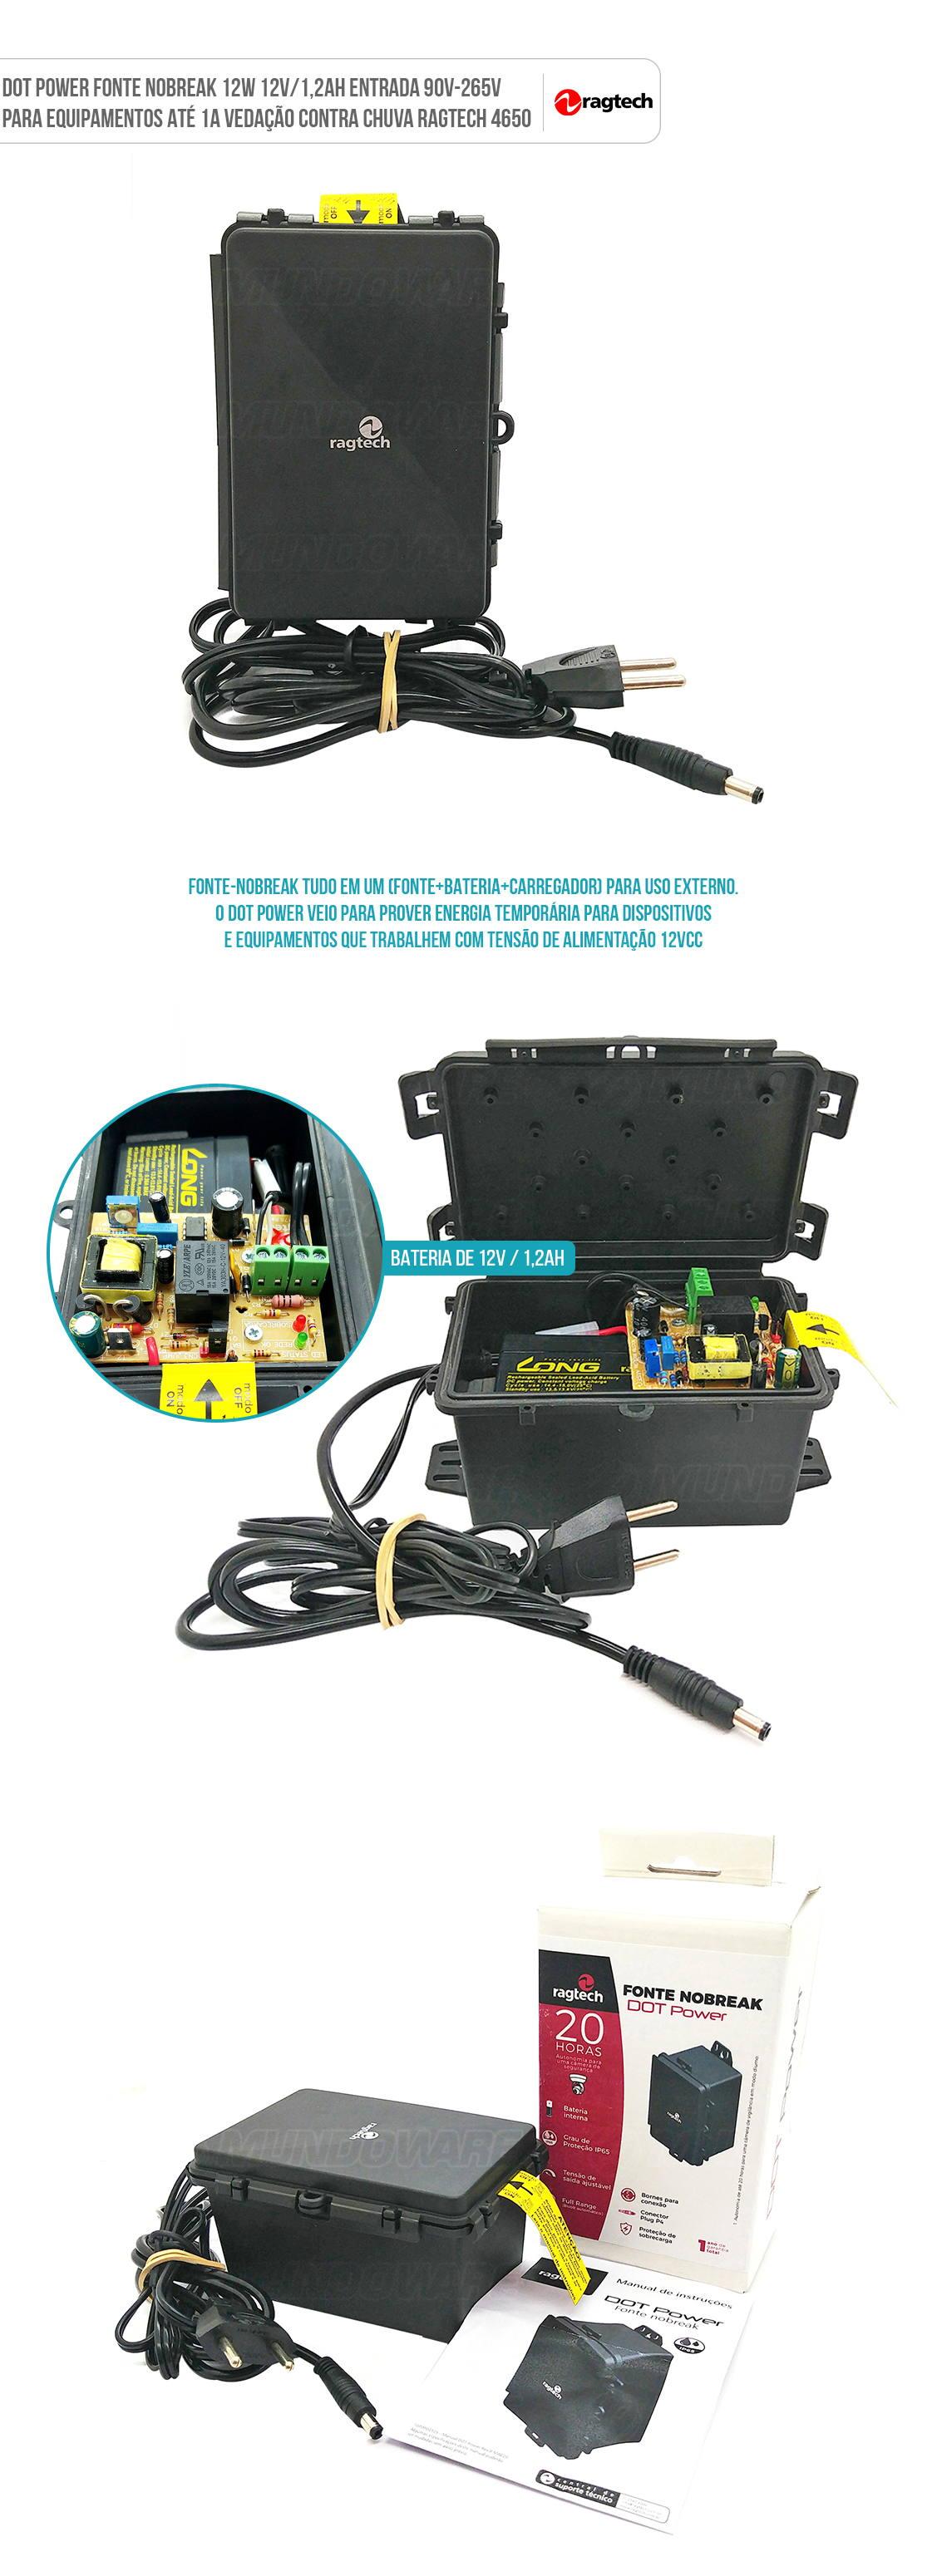 Fonte Nobreak Dot Power 12W 12V/1,2Ah Entrada 90V-265V para Equipamentos até 1A Vedação Contra Chuva Ragtech 4650